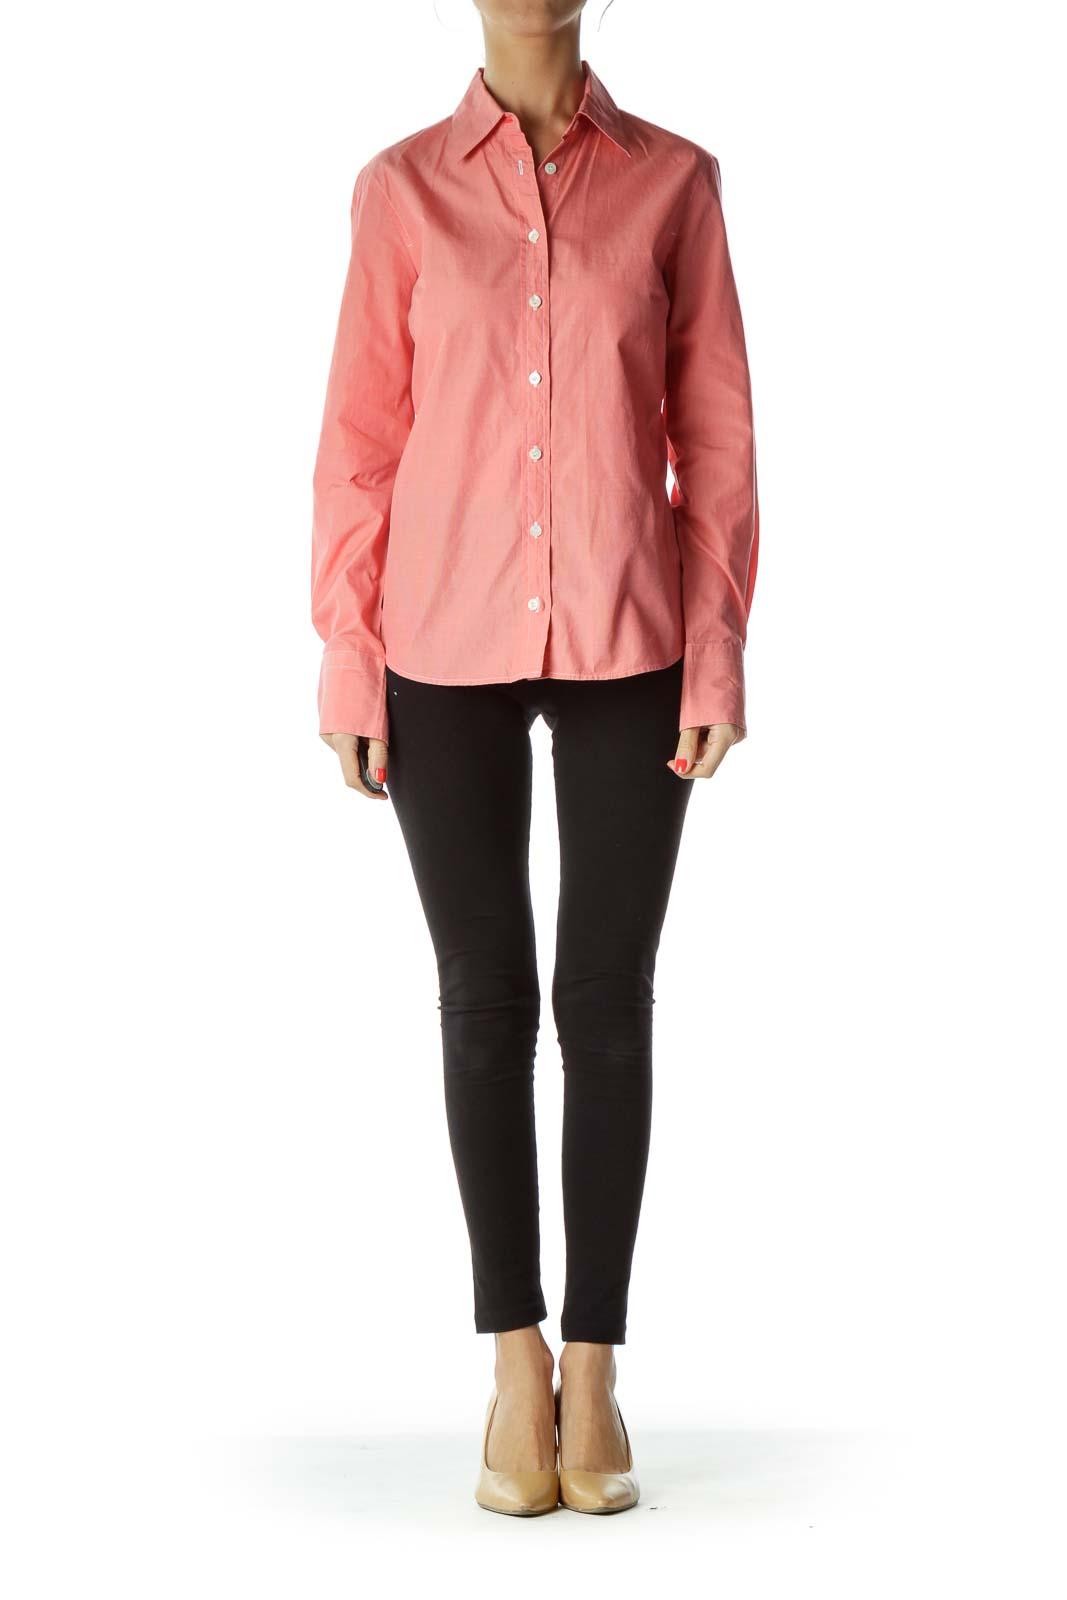 Pink Button-up Shirt